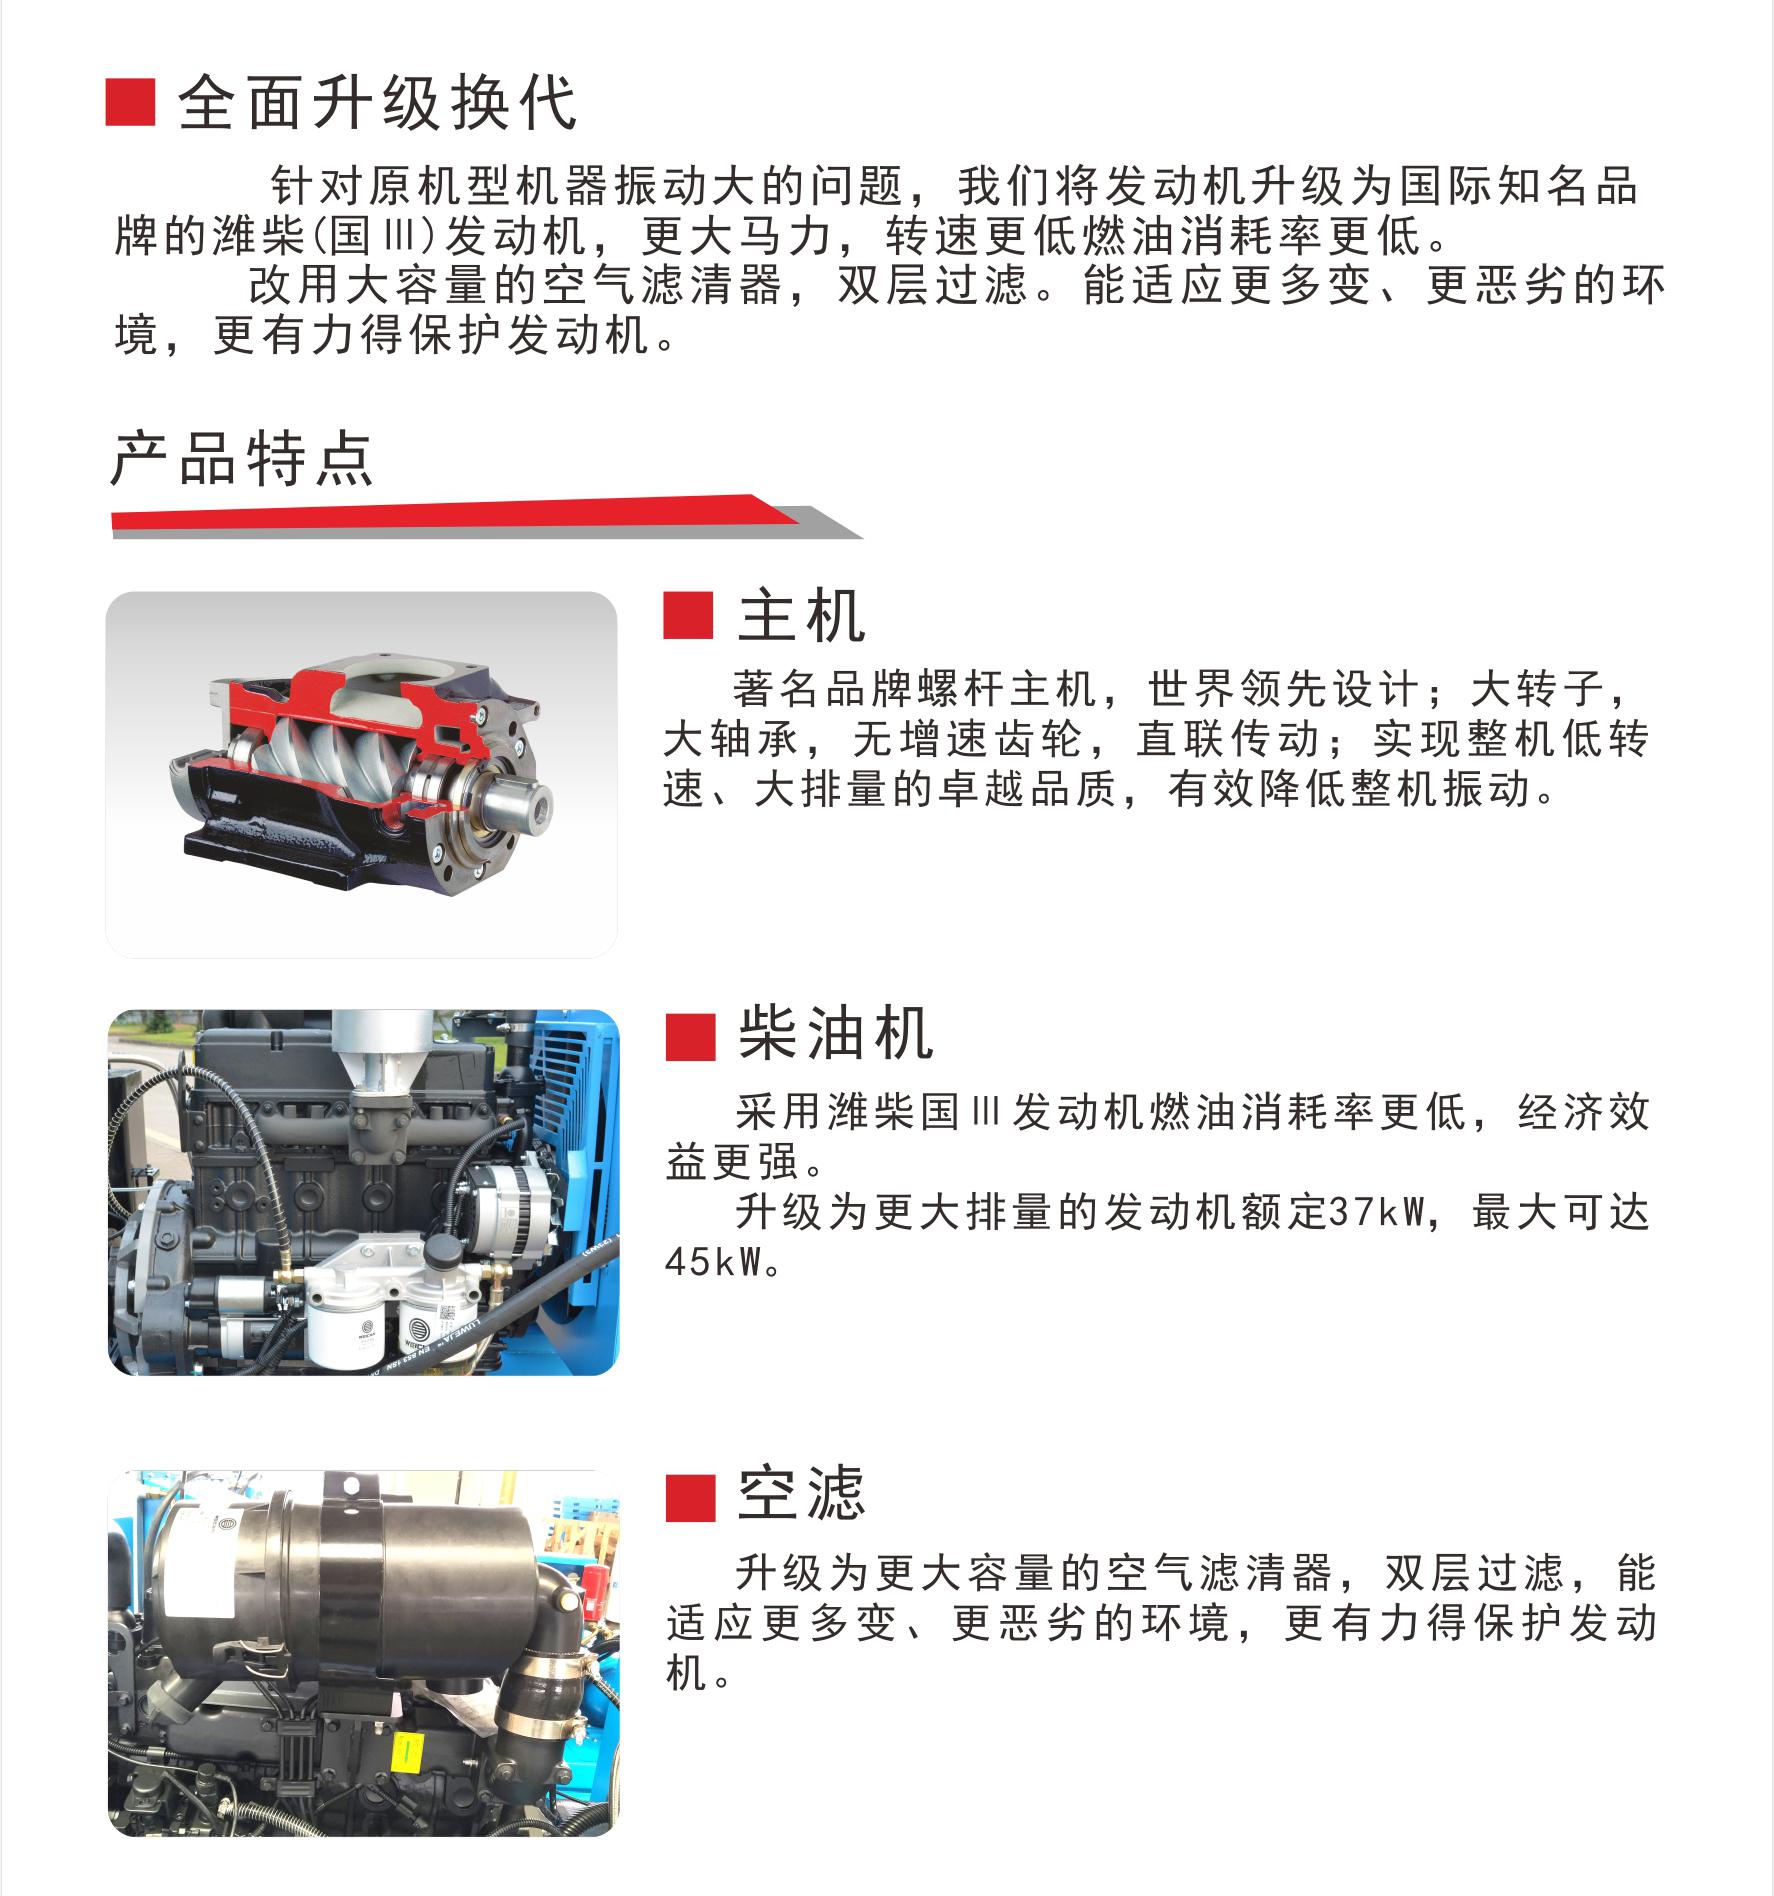 JAC、JA系列工程专用螺杆空压机-微信稿_02